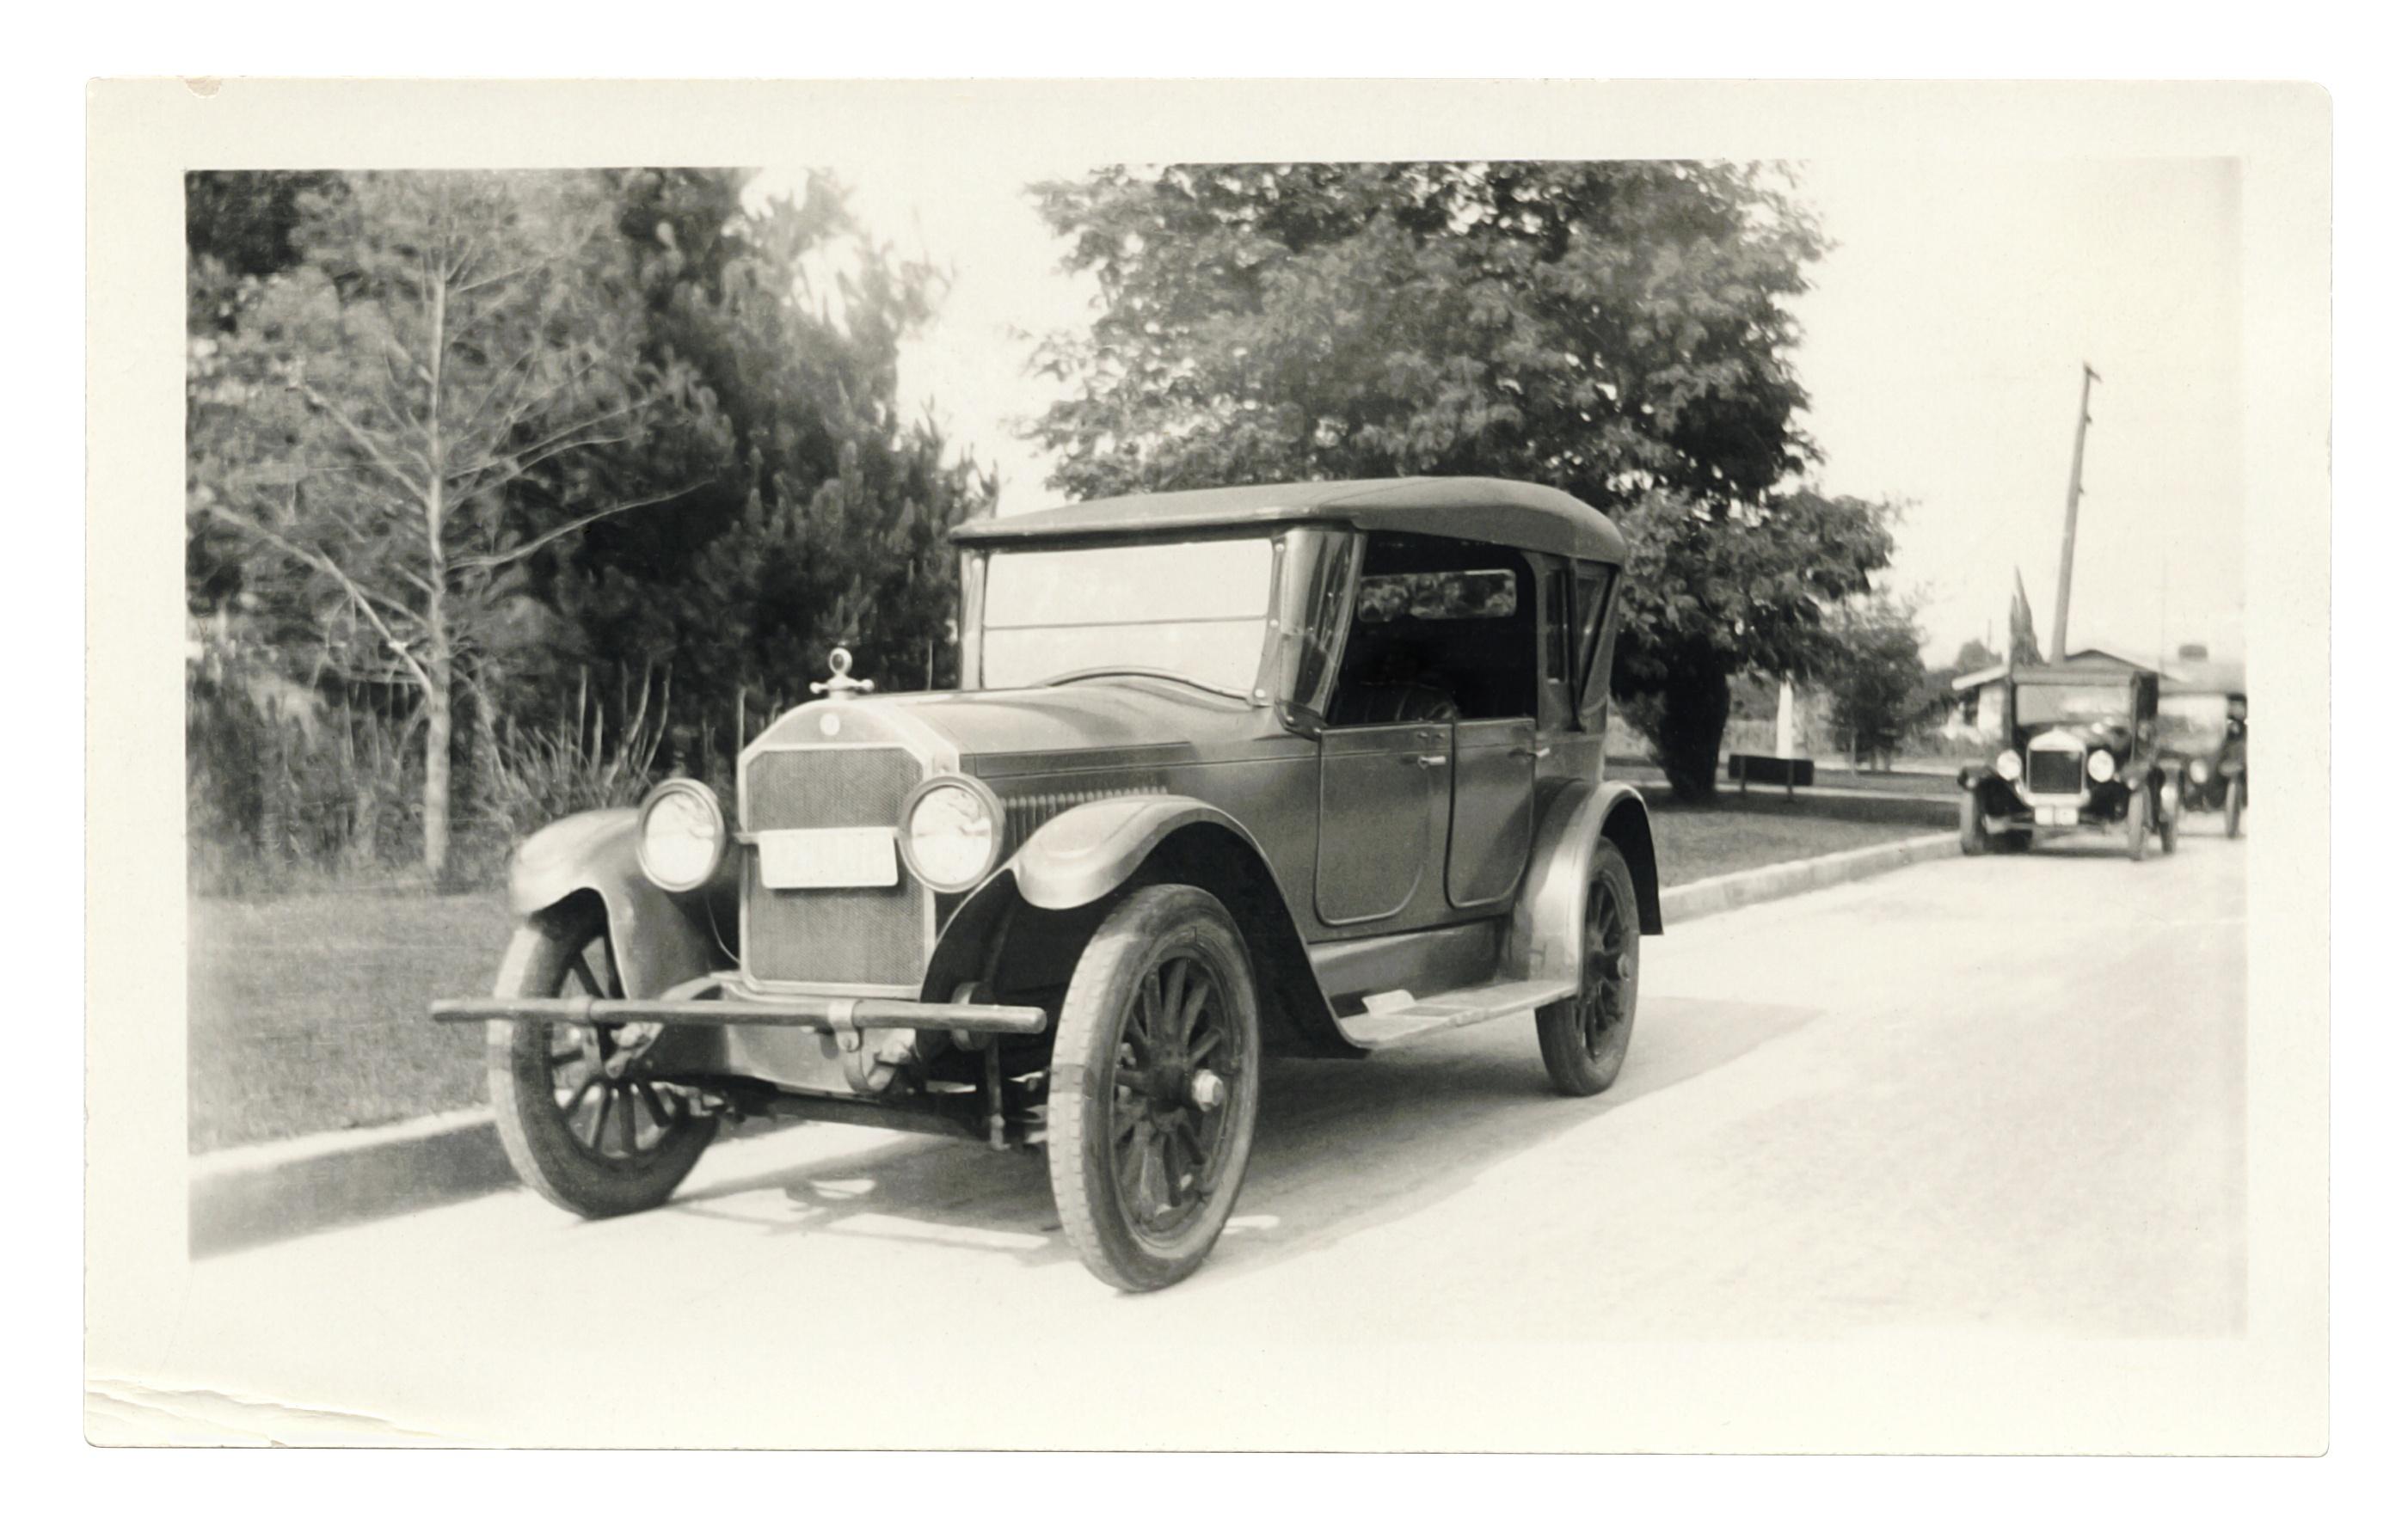 bw old car